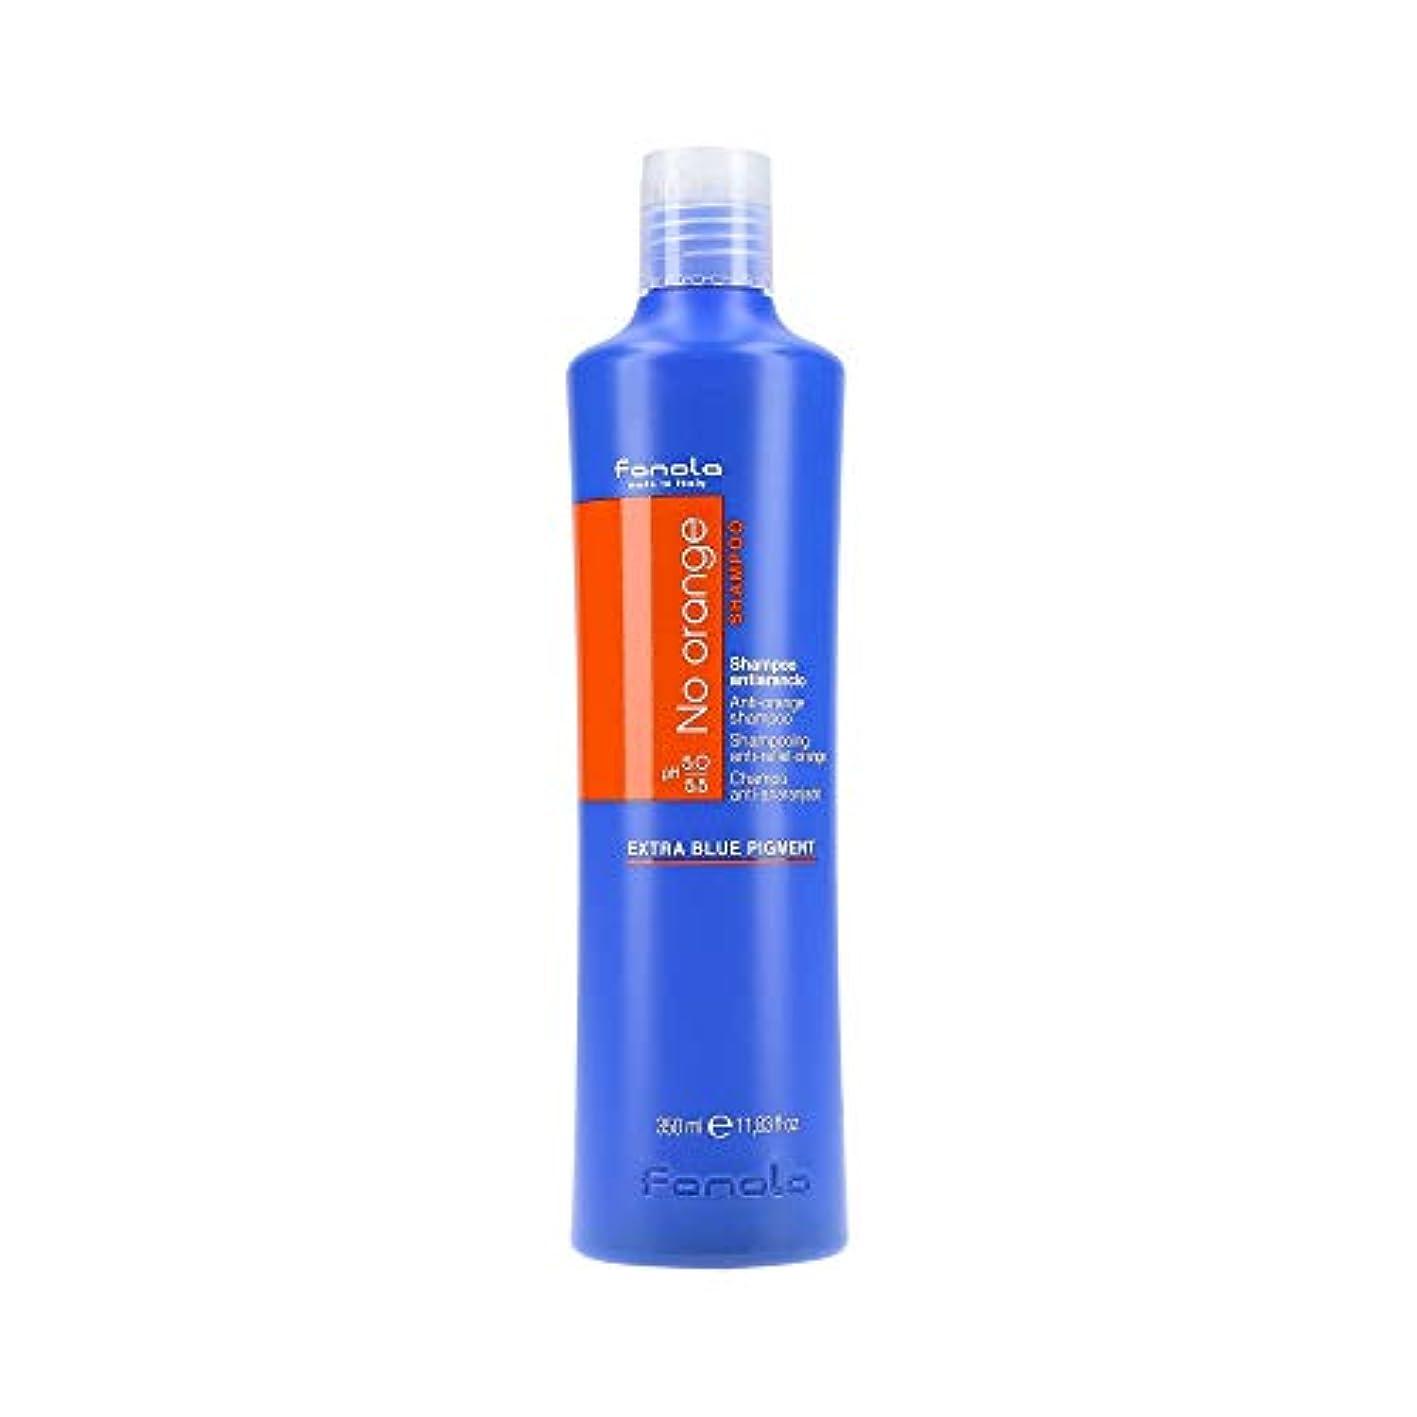 ホーム礼儀接地ファノラ ノー オレンジ シャンプー Fanola No orange Shampoo - Anti-orange Shampoo 350 ml [並行輸入品]